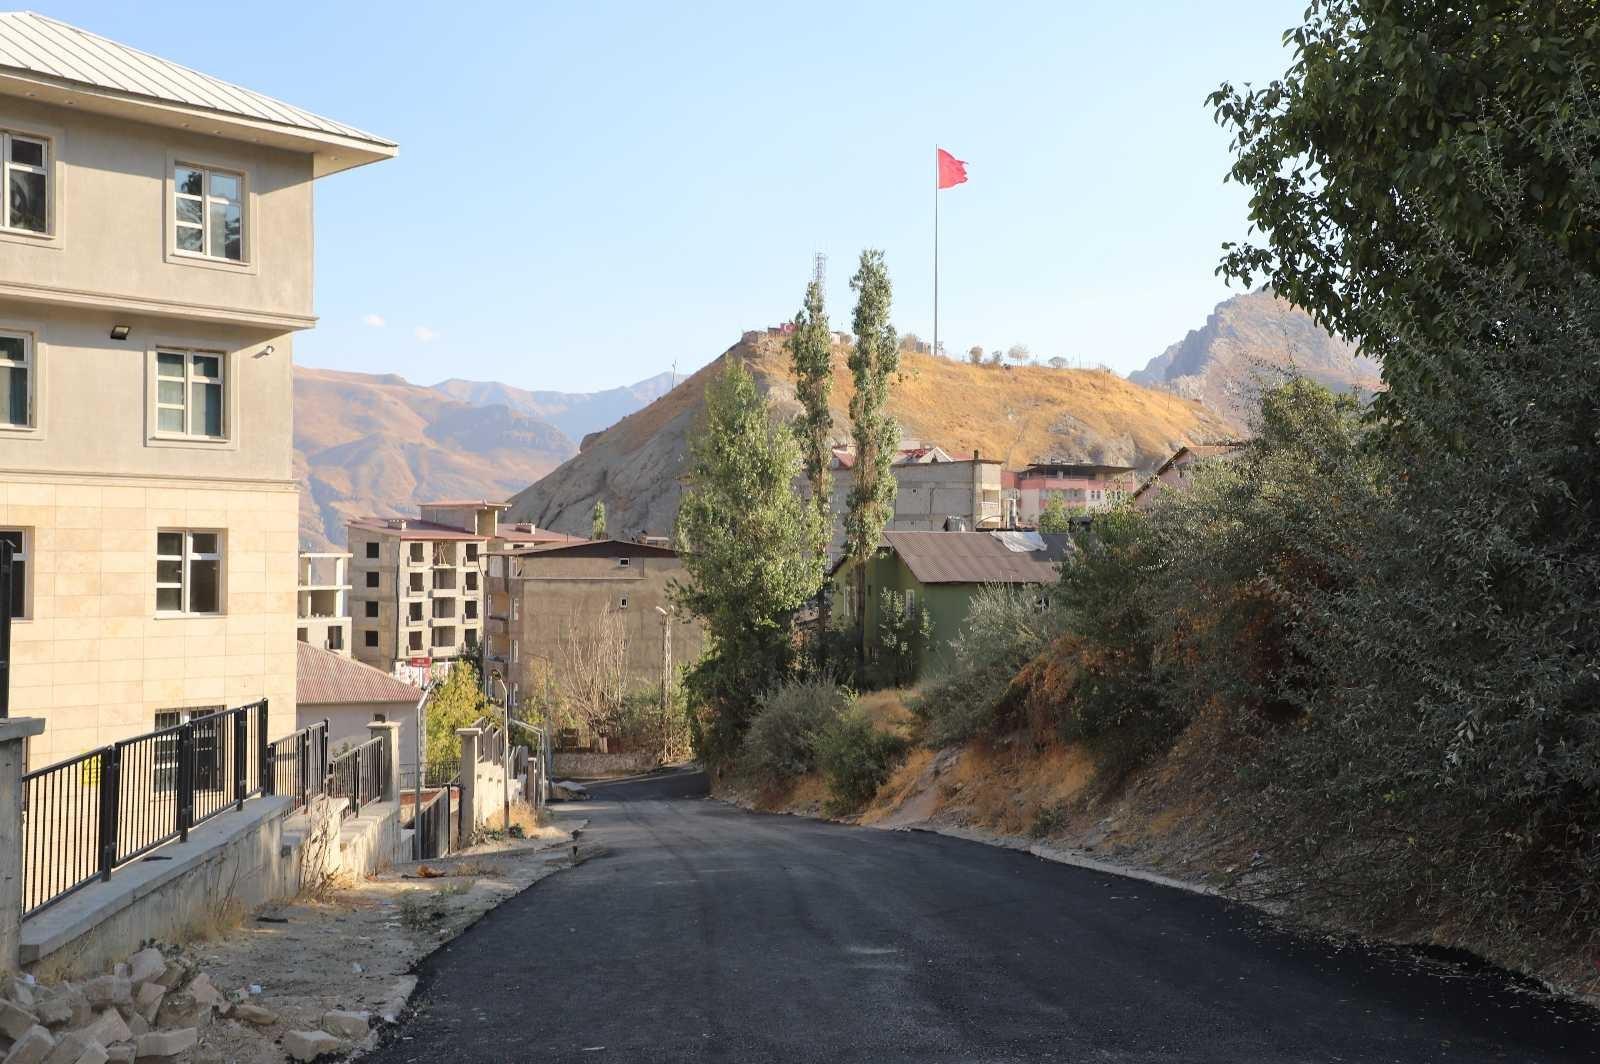 Hakkari Belediyesinden yol asfaltlama çalışması #hakkari